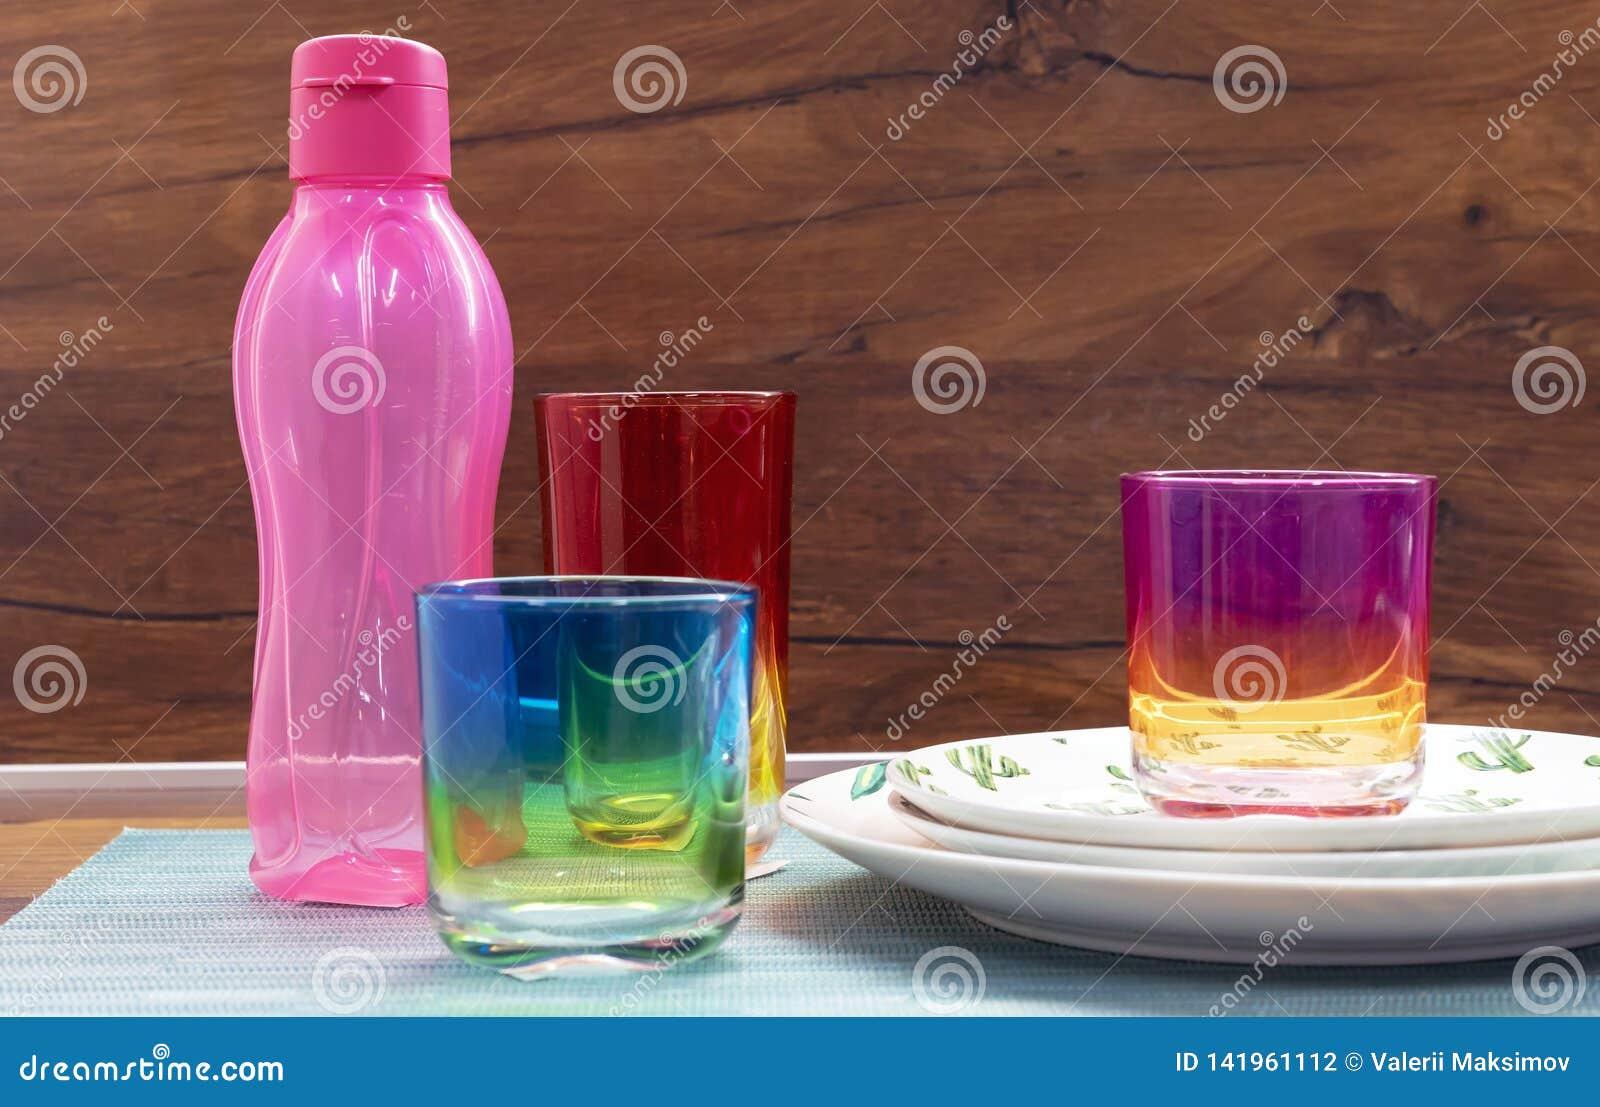 Glazen van multi-colored glas en een roze fles voor koude dranken